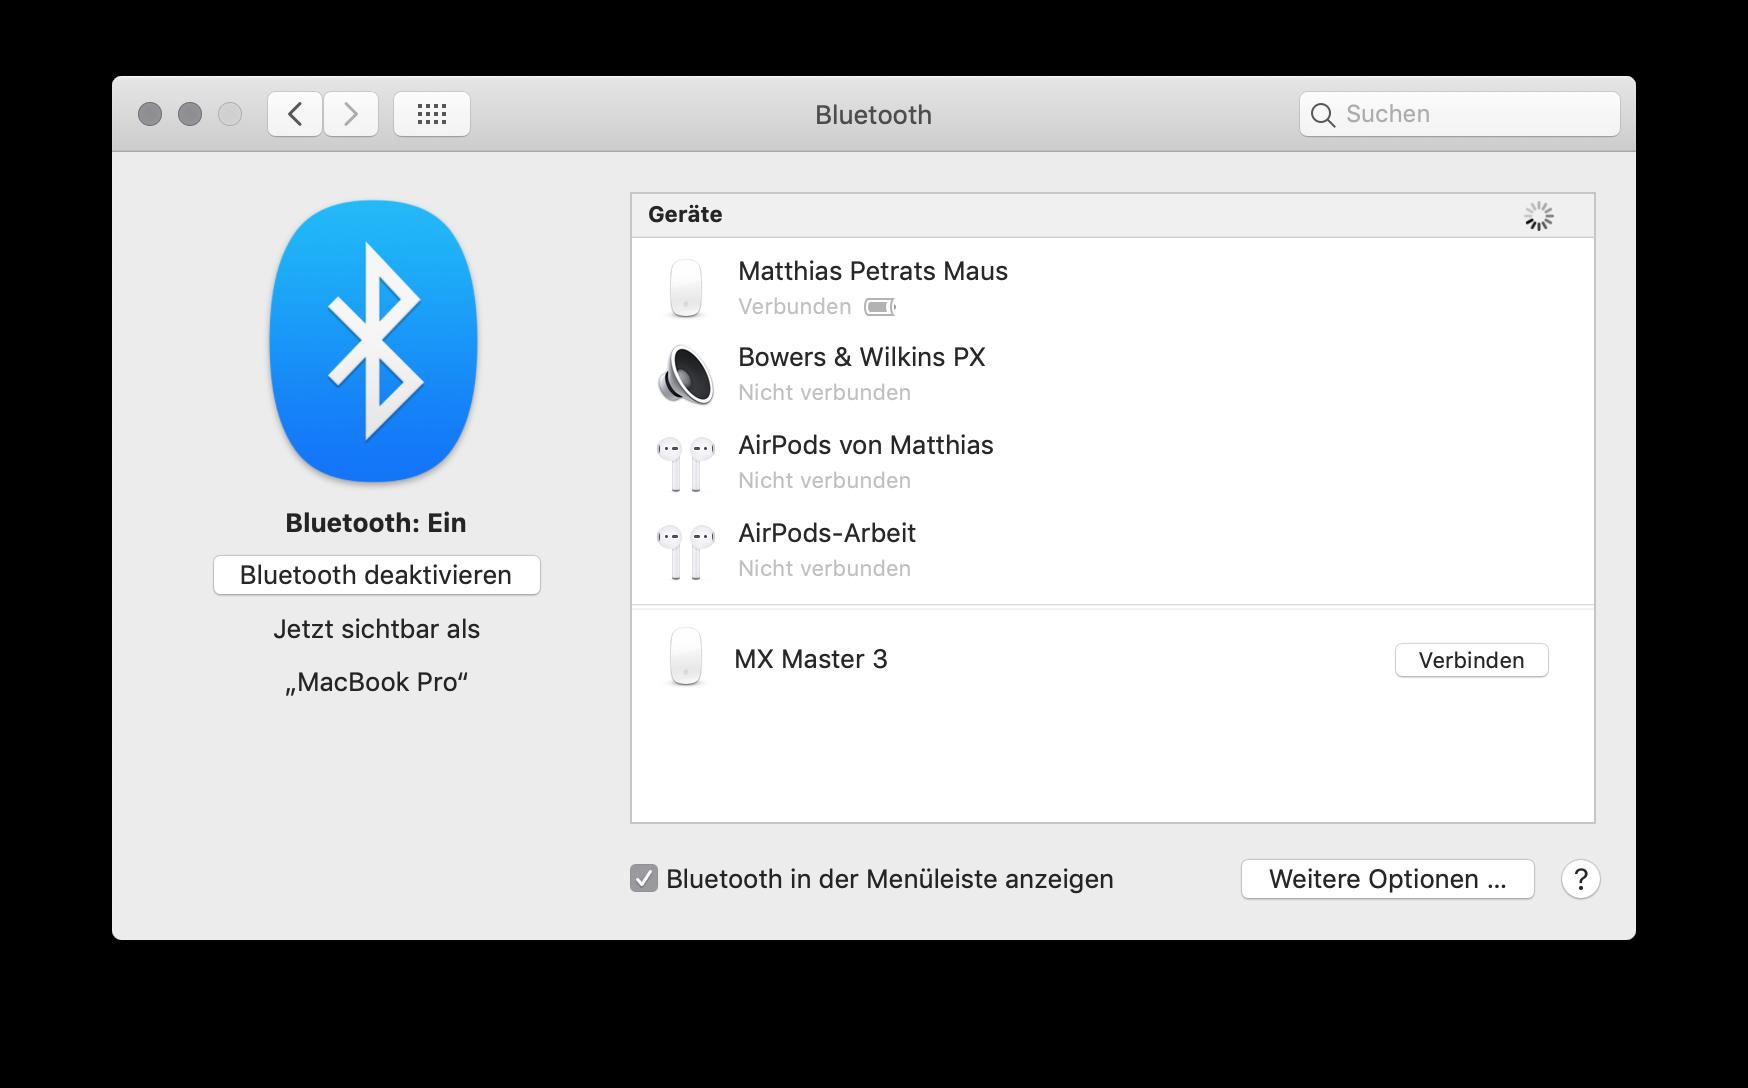 Logitech_MX_Master_3_Maus_Mouse_Mac_Review4 MX Master 3 von Logitech - die perfekte Maus für den Mac